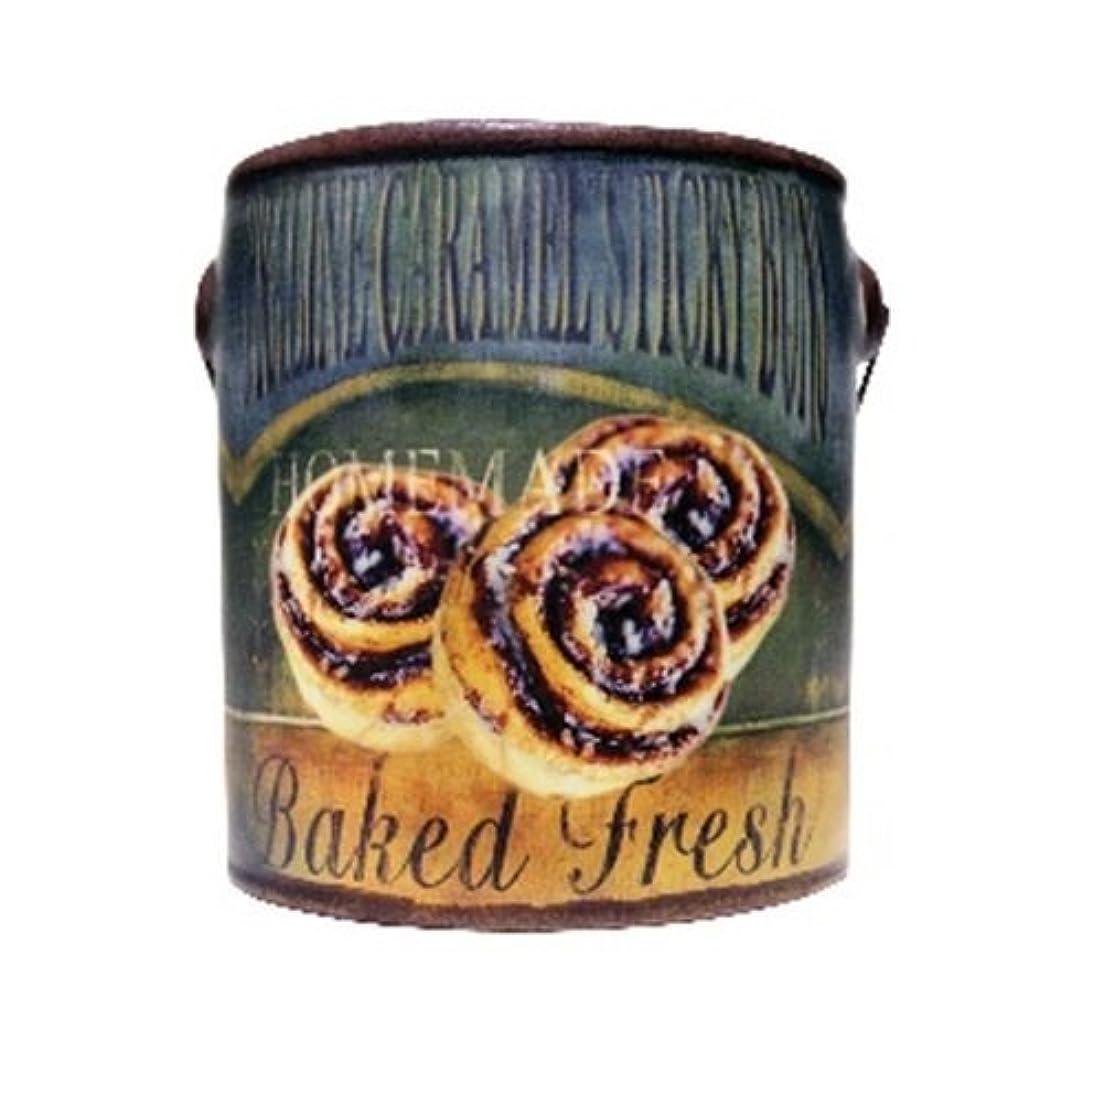 必要とする黙騒乱A Cheerful Giver Praline Caramel Farm Fresh Candle 20 oz [並行輸入品]